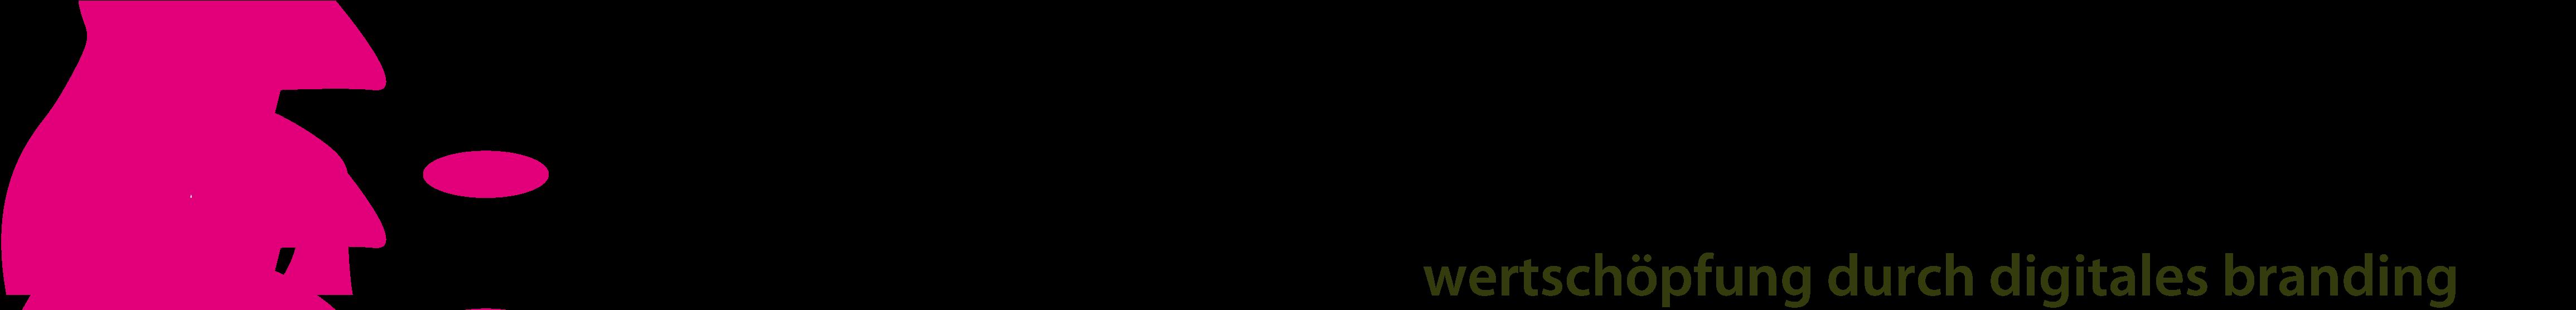 Logo mit Claim Wertsch pfung 600ppi